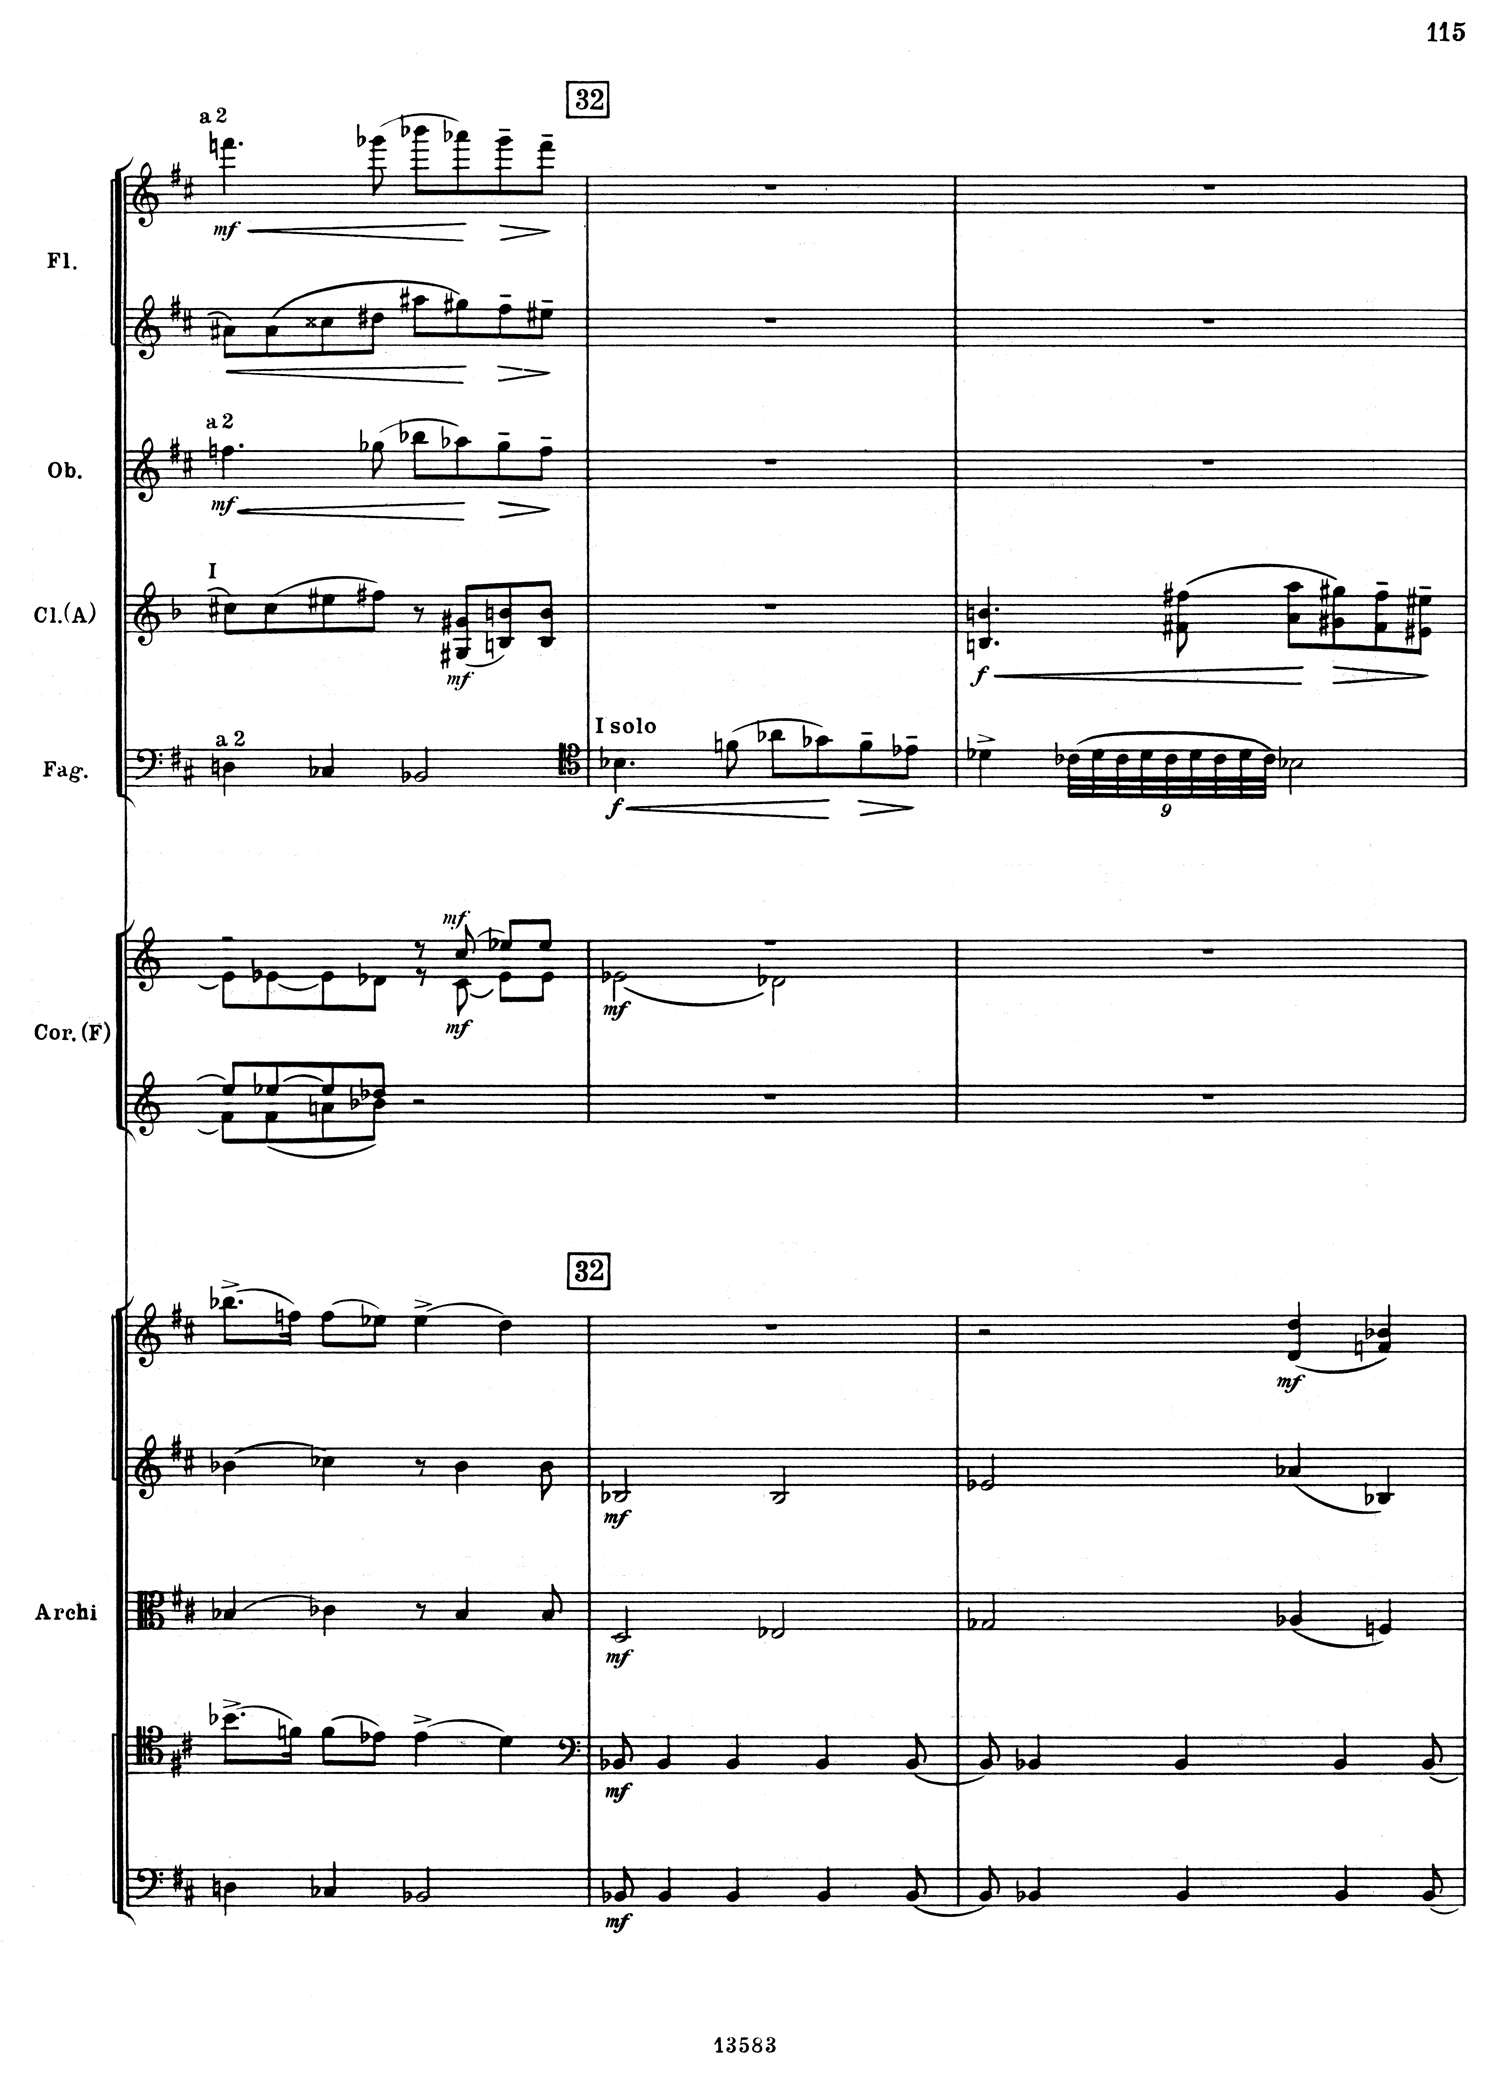 Tchaikovsky 5 Mvt 2 Score 3.jpg